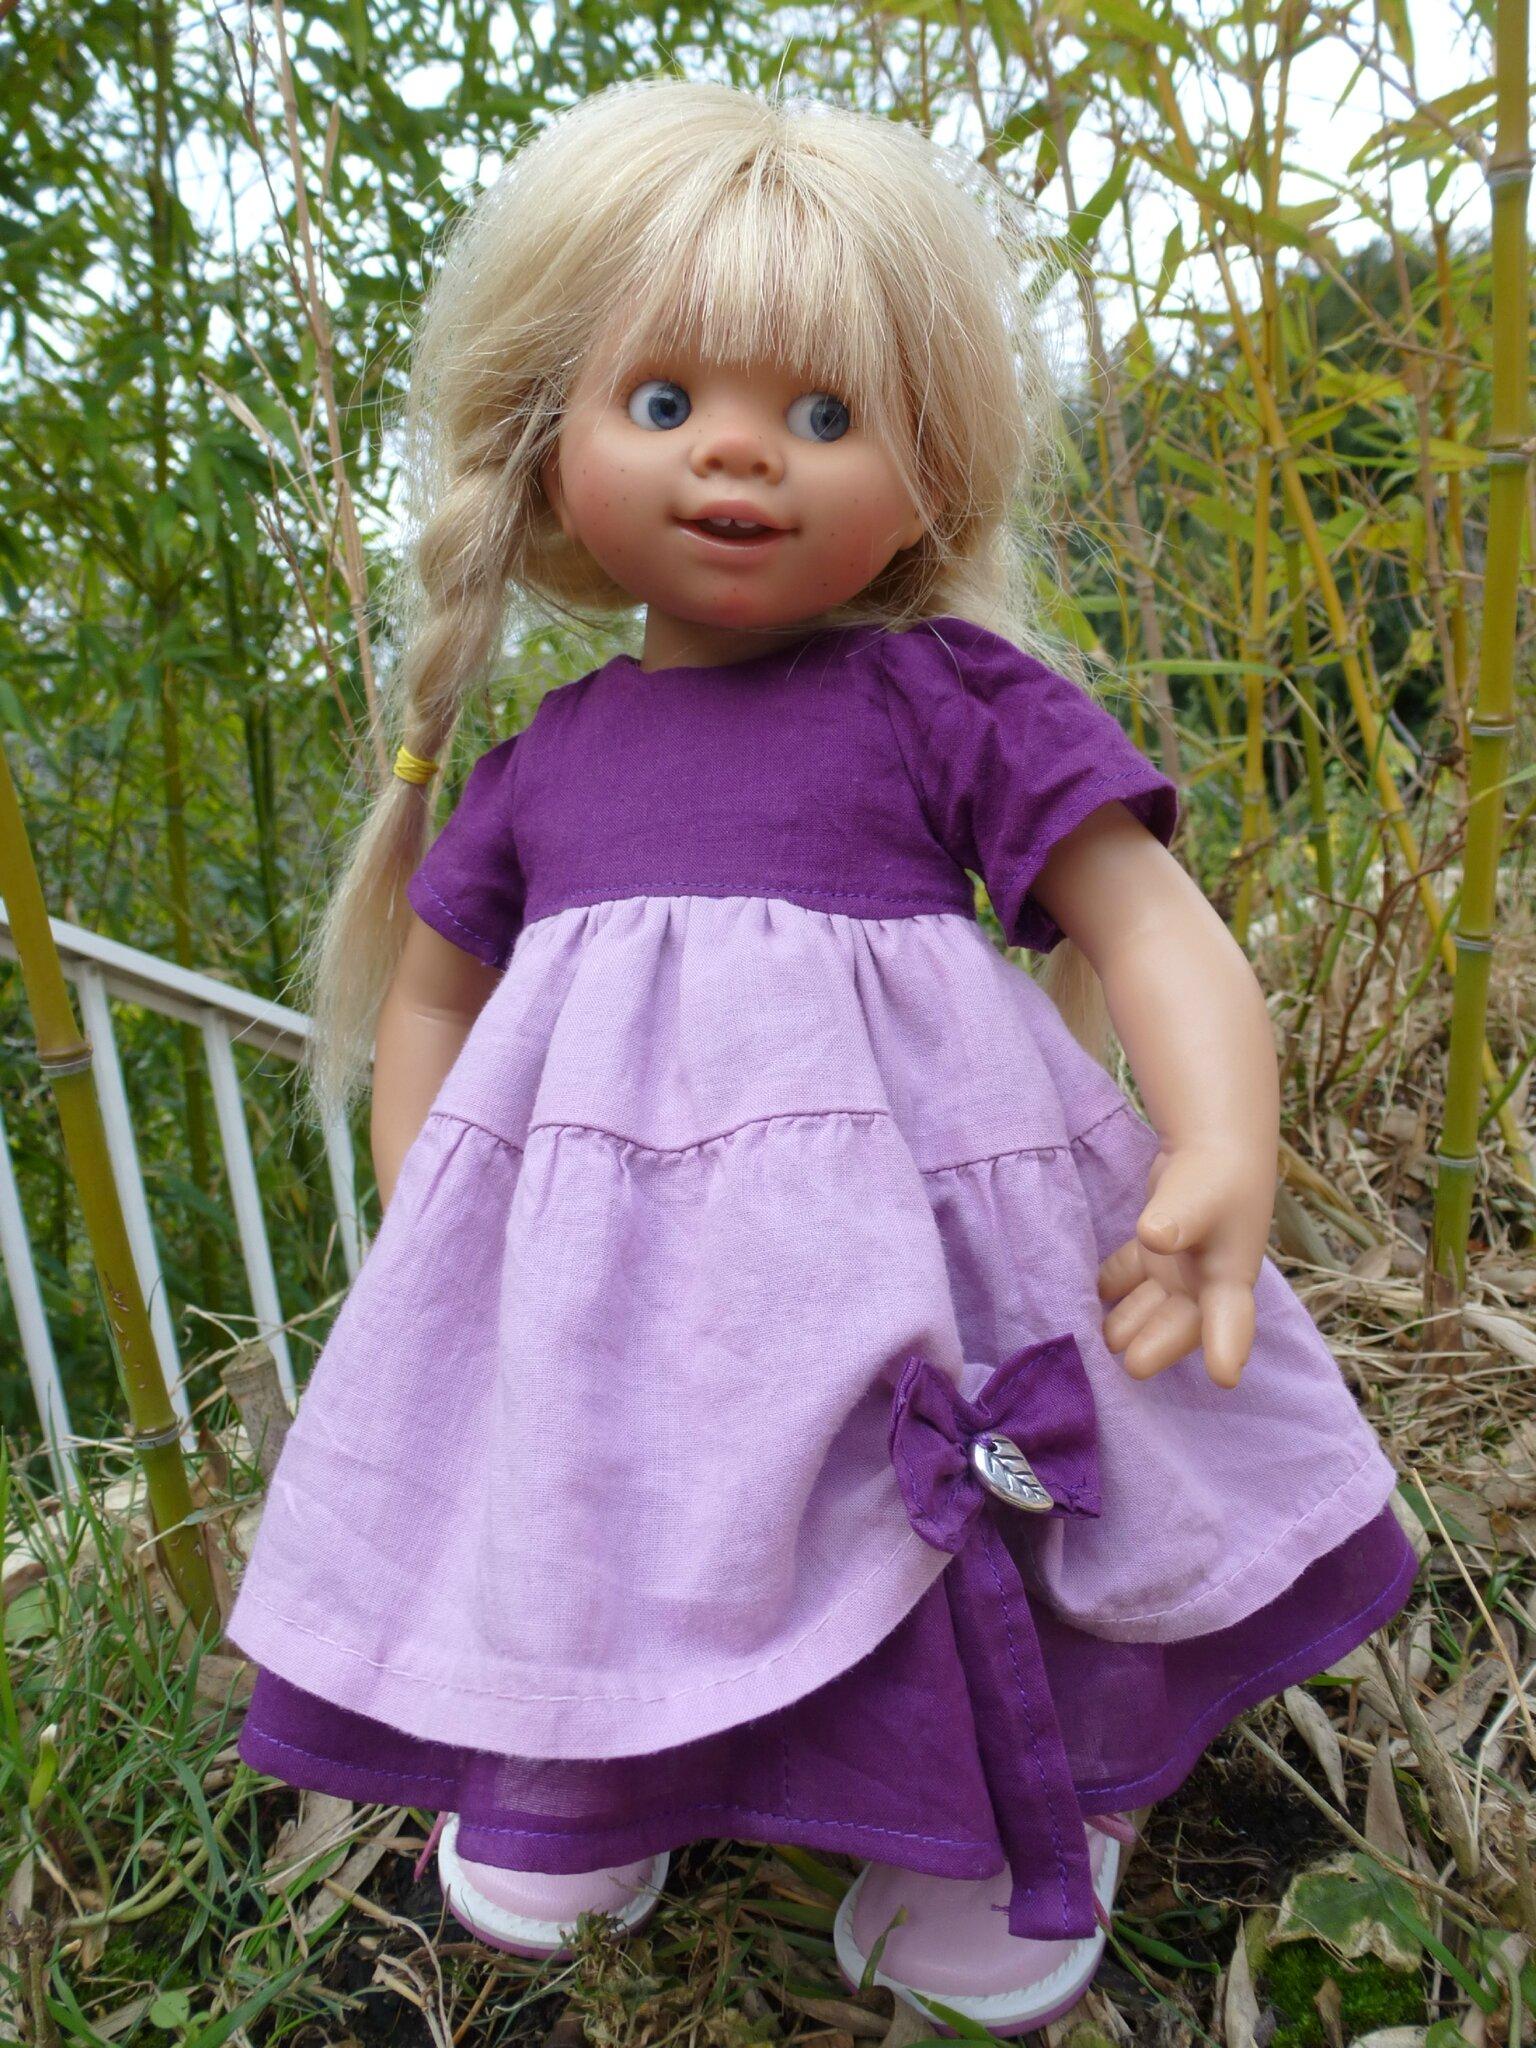 Robe rose et violette pour Wichtel ou petite Zwergnase, plus disponible..